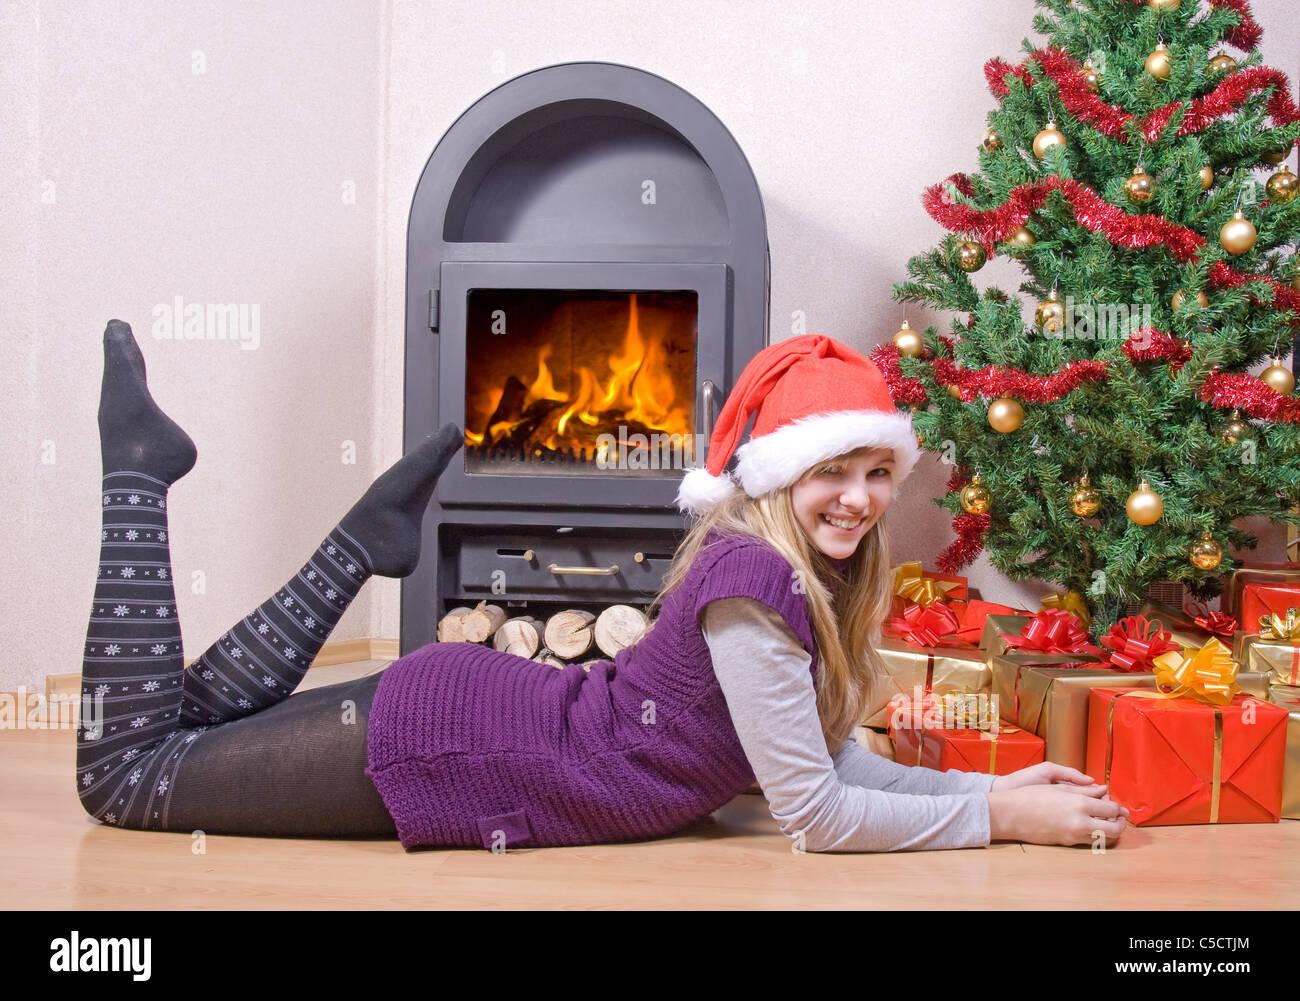 Mädchen mit Weihnachtsgeschenke Stockfoto, Bild: 37776780 - Alamy